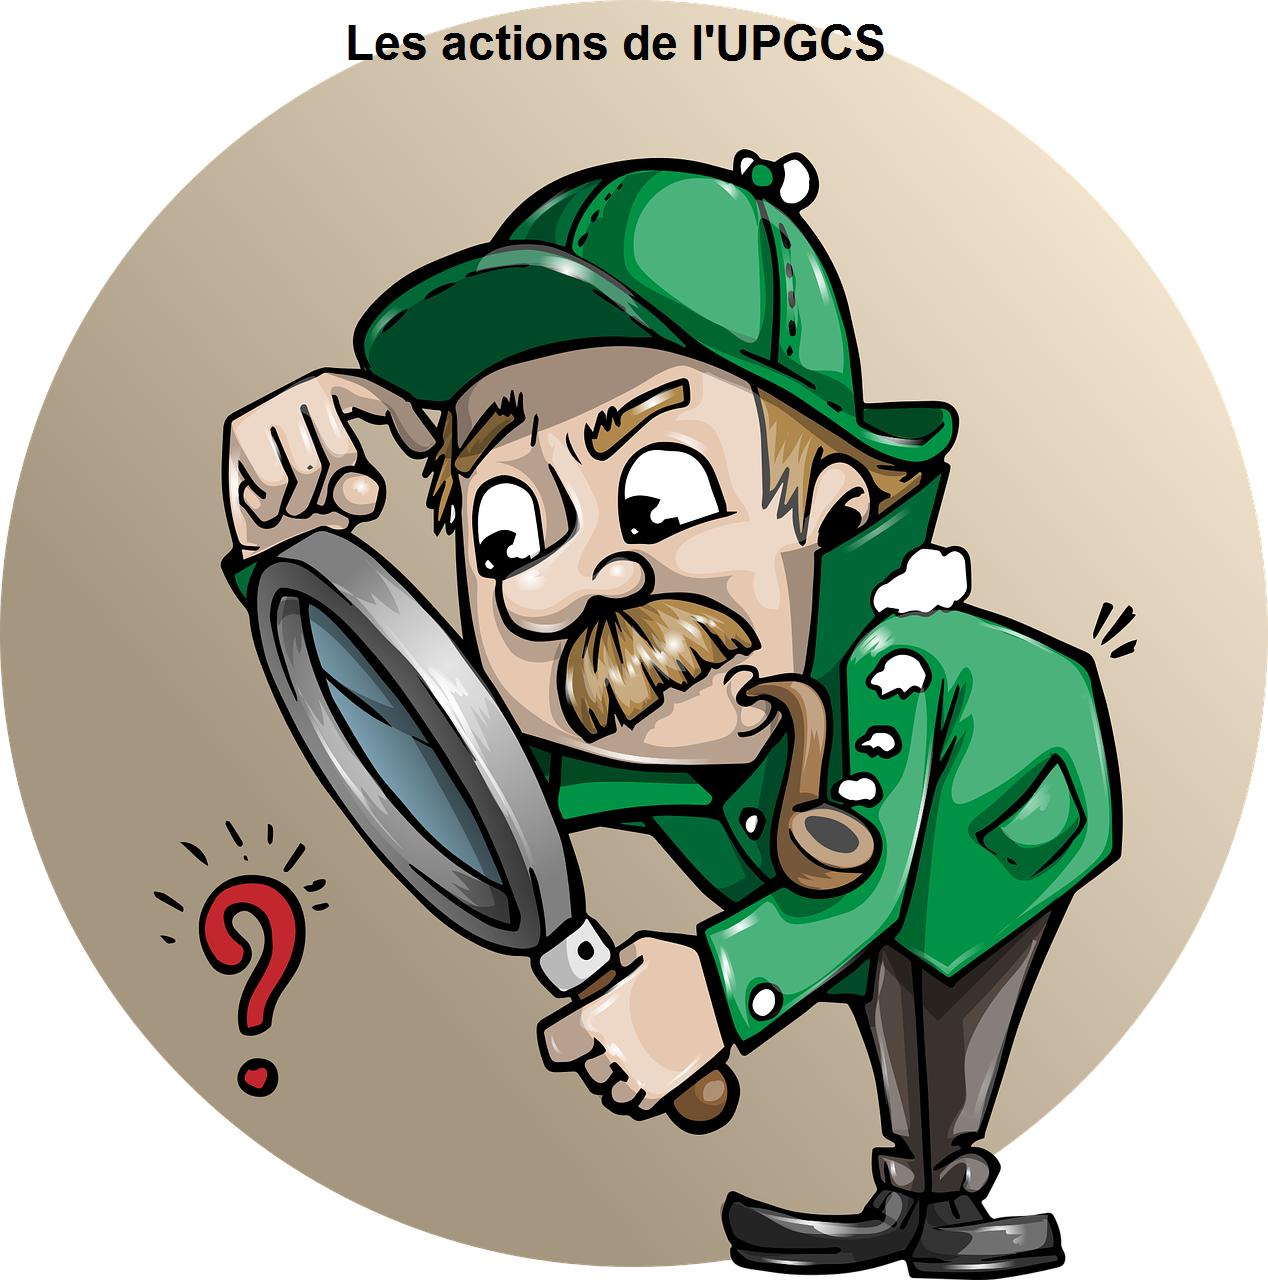 Les actions de l'UPGCS vers les Autorités de Santé dans le cadre des crises sanitaires